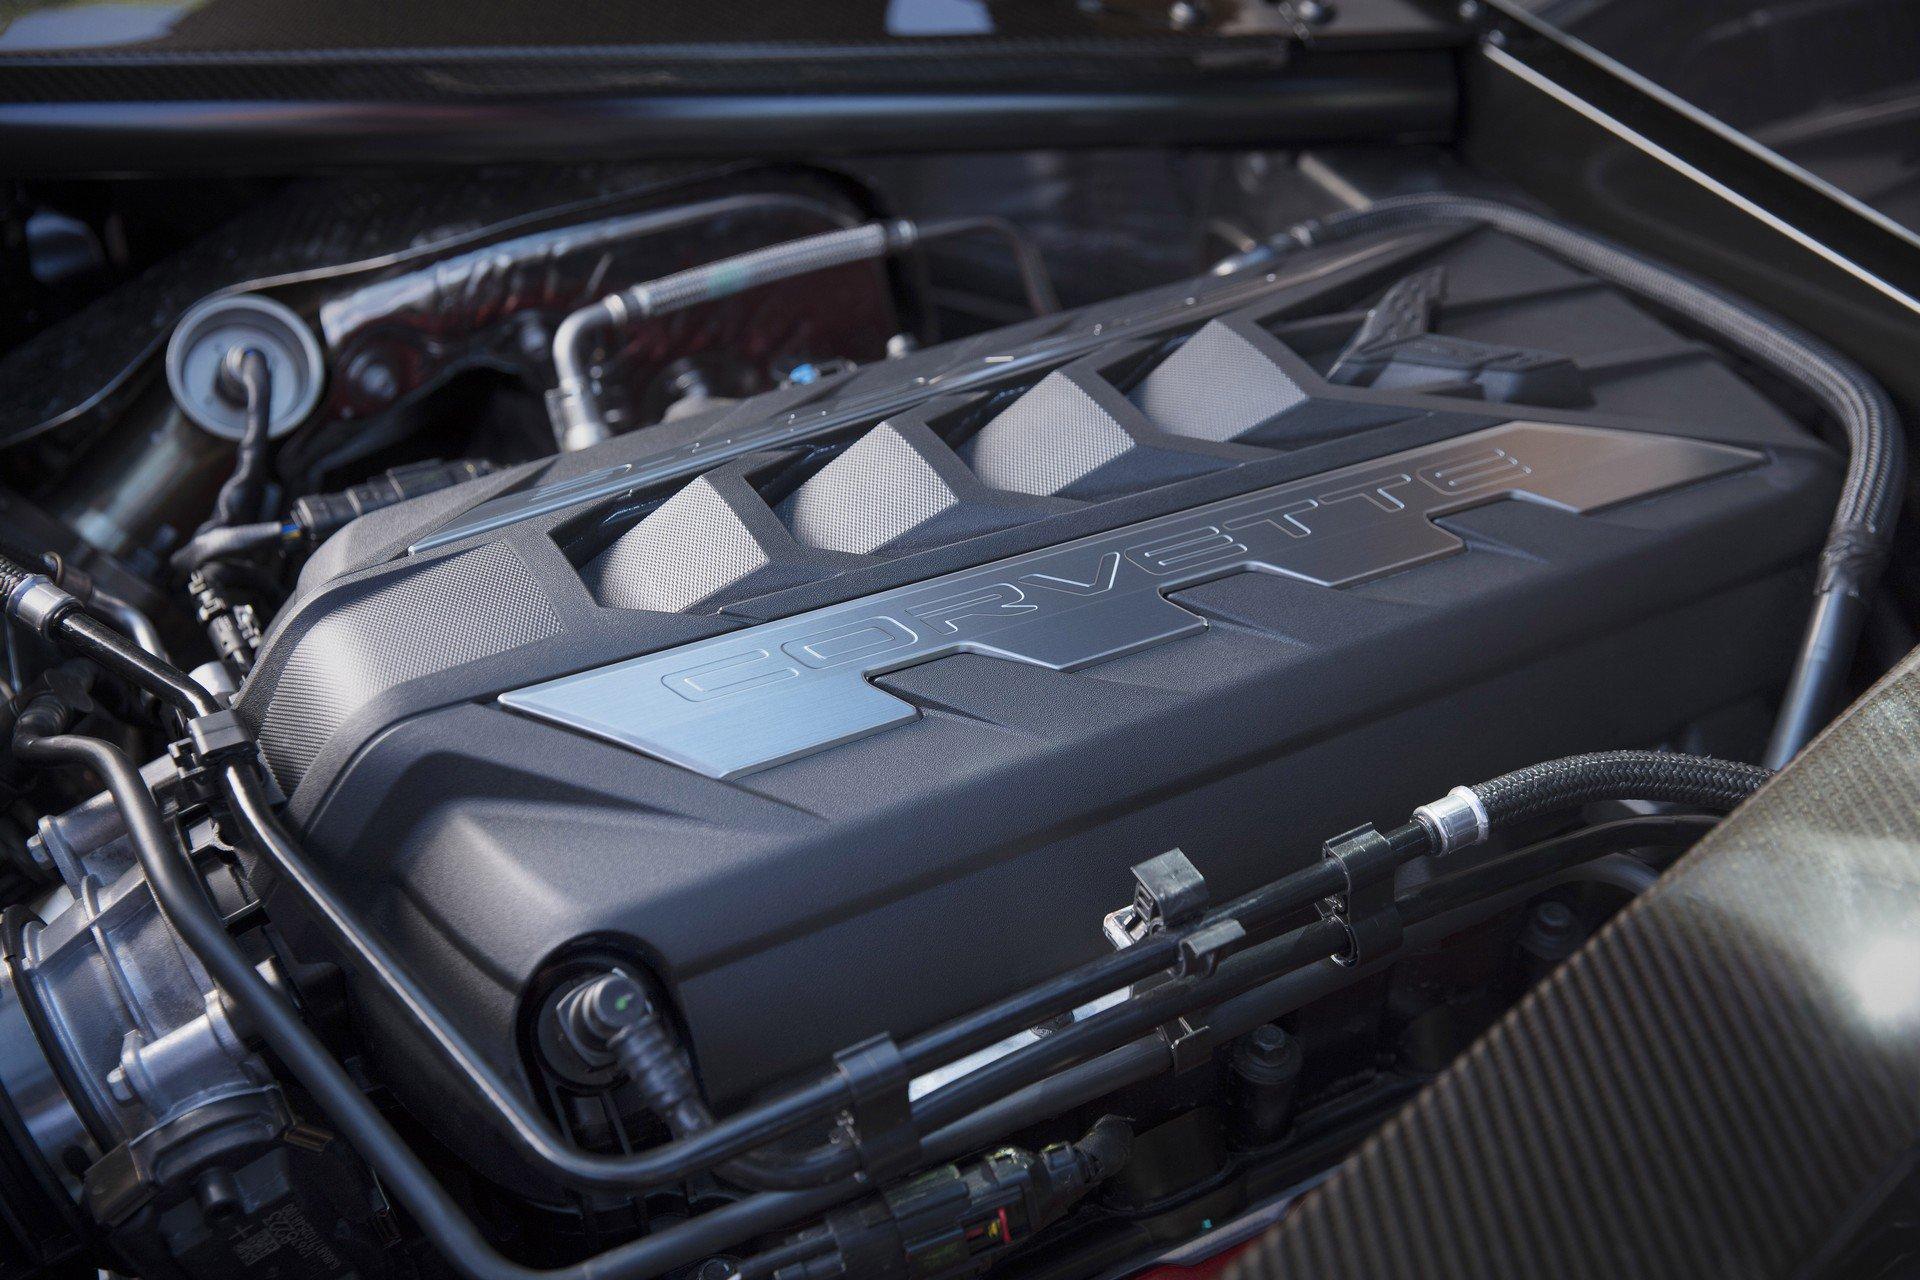 Chevrolet ra mắt Corvette C8 thế hệ mới thiết kế táo bạo, động cơ đặt giữa - 4